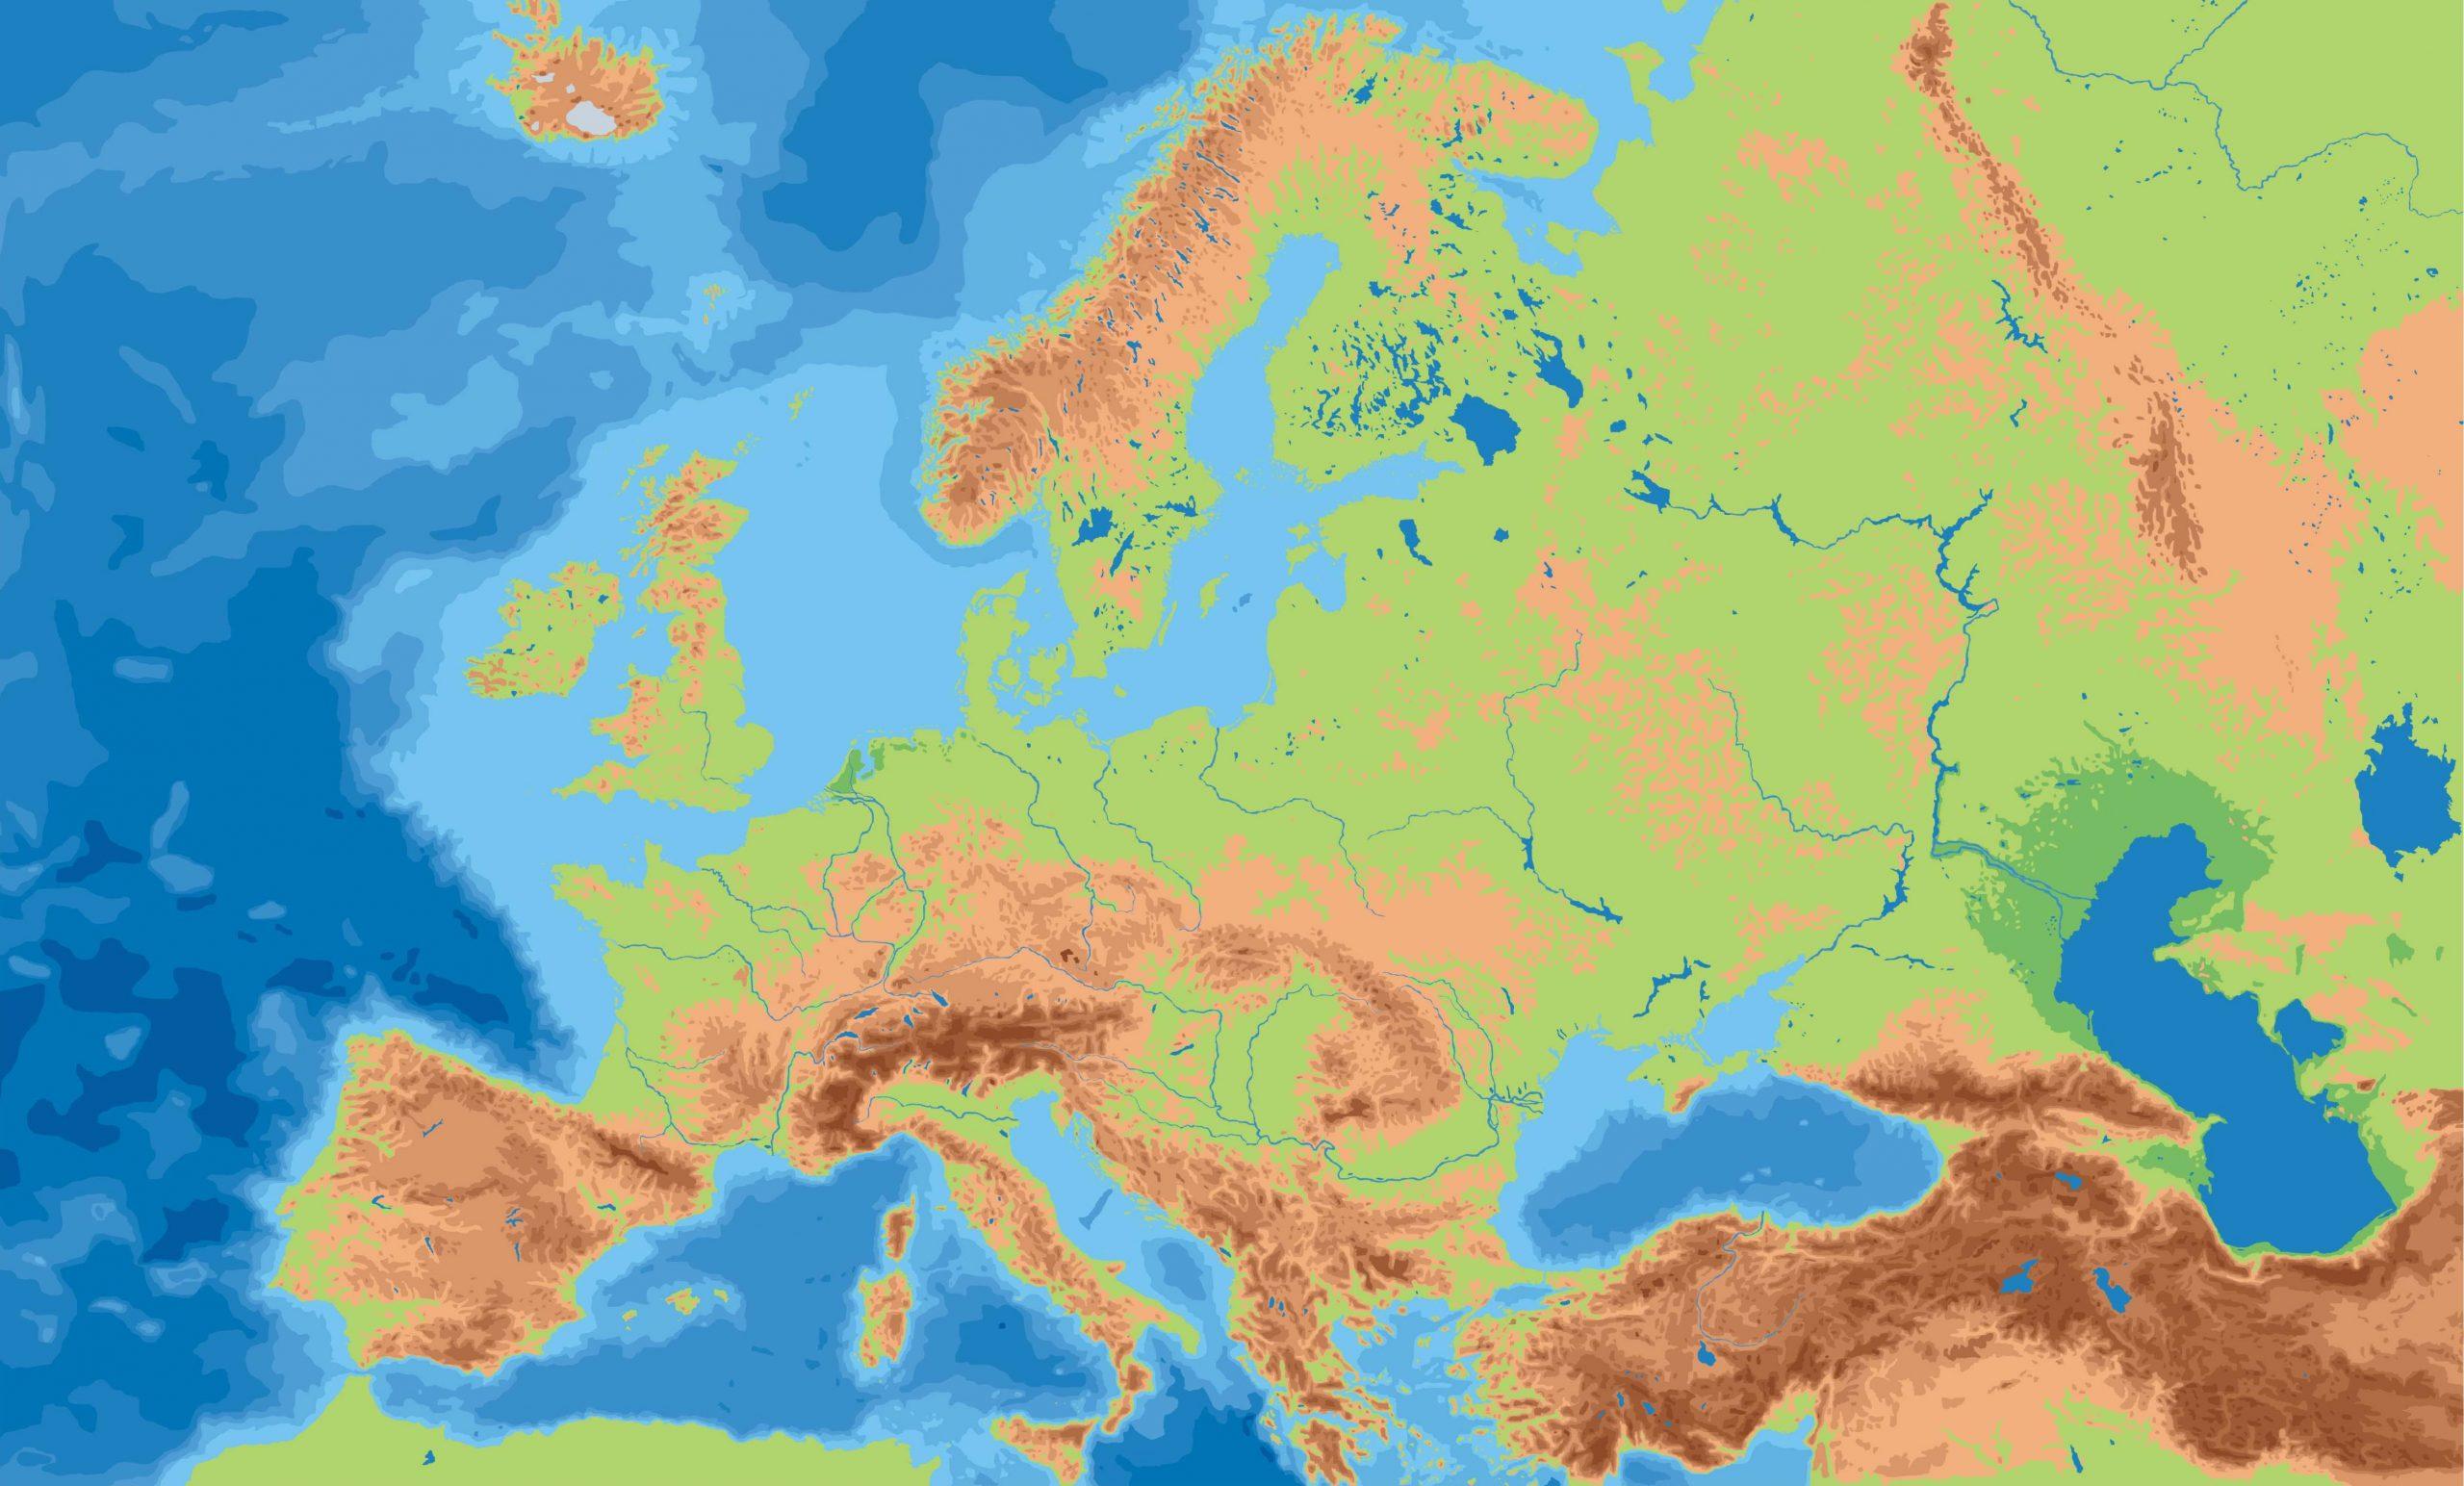 Landkarte Europa - Landkarten Download -> Europakarte bei Karte Europa Ohne Beschriftung